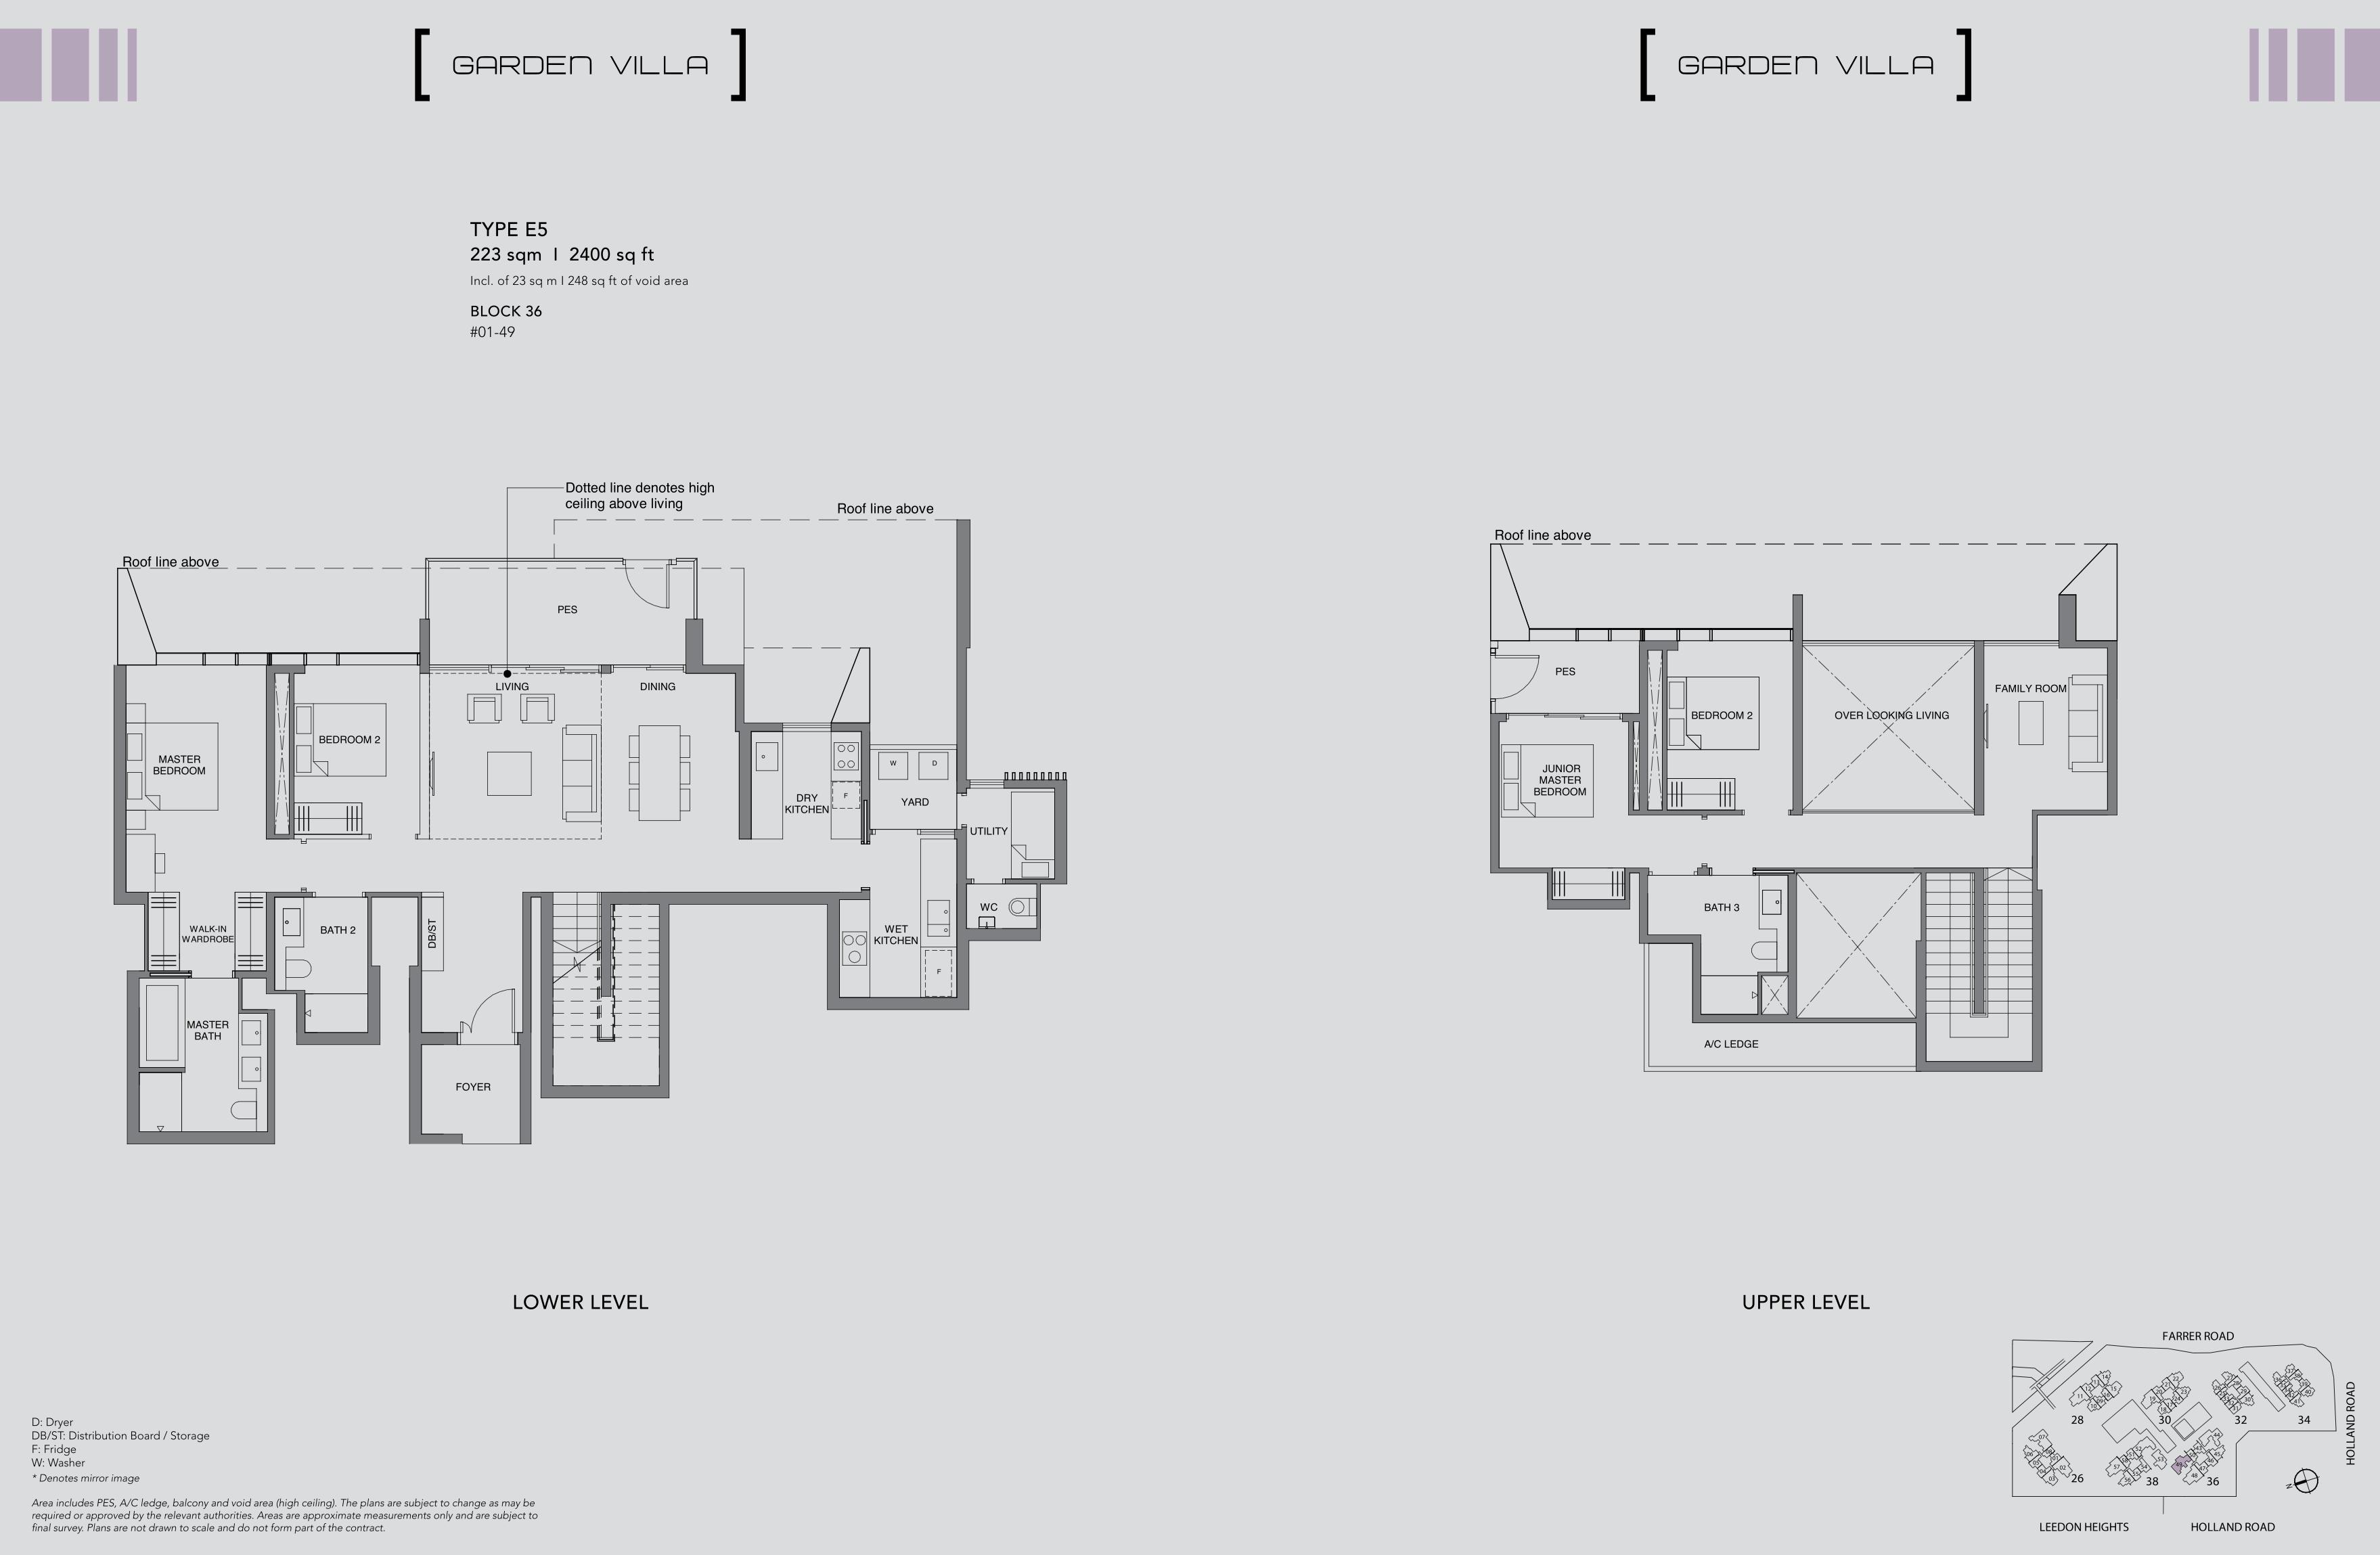 绿墩雅苑公寓户型图 Leedon Green floor plan Garden villa 4 Bedroom E5